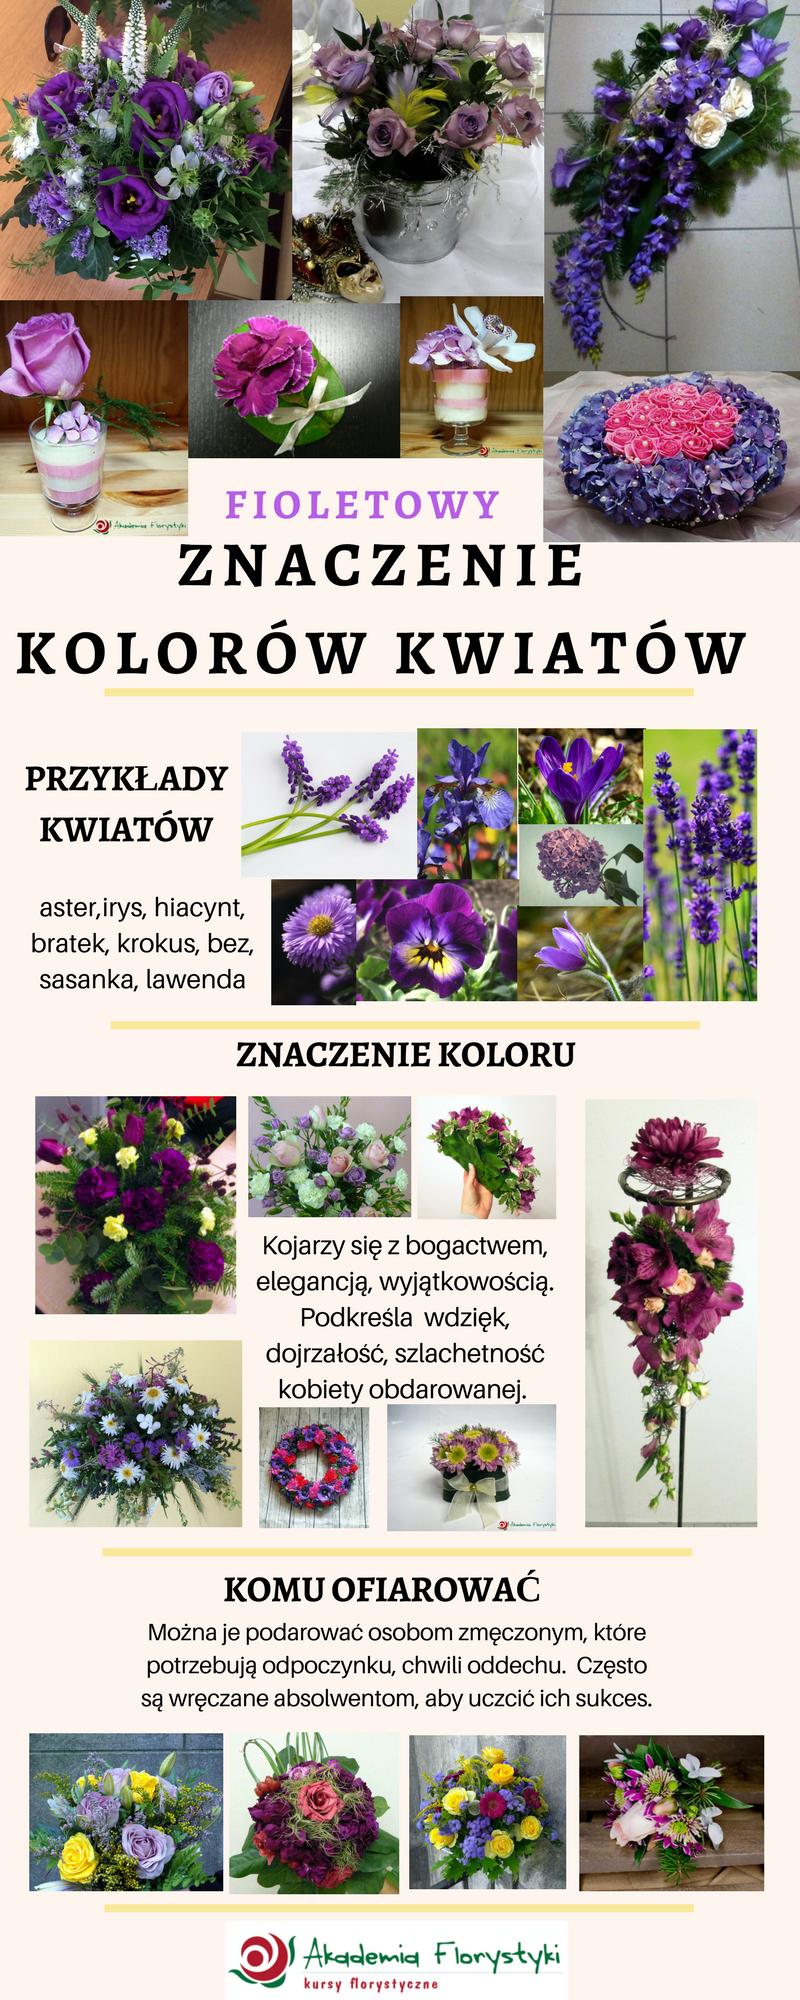 znaczenie kolorów kwiatów - kwiaty fioletowe